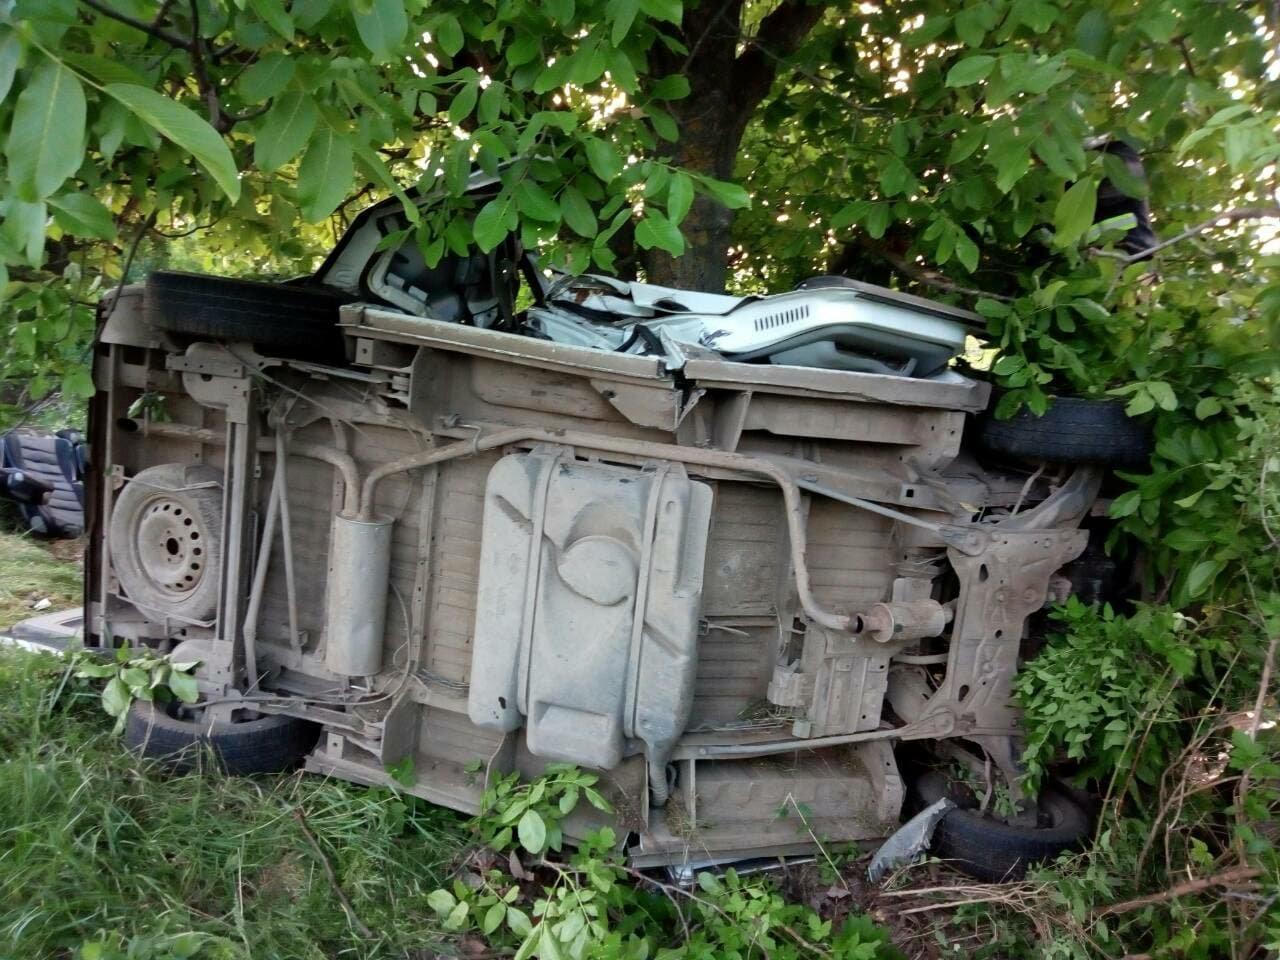 5 человек погибло, 3 находятся в больнице: в Николаевской области случилось страшное ДТП, - ФОТО, фото-1